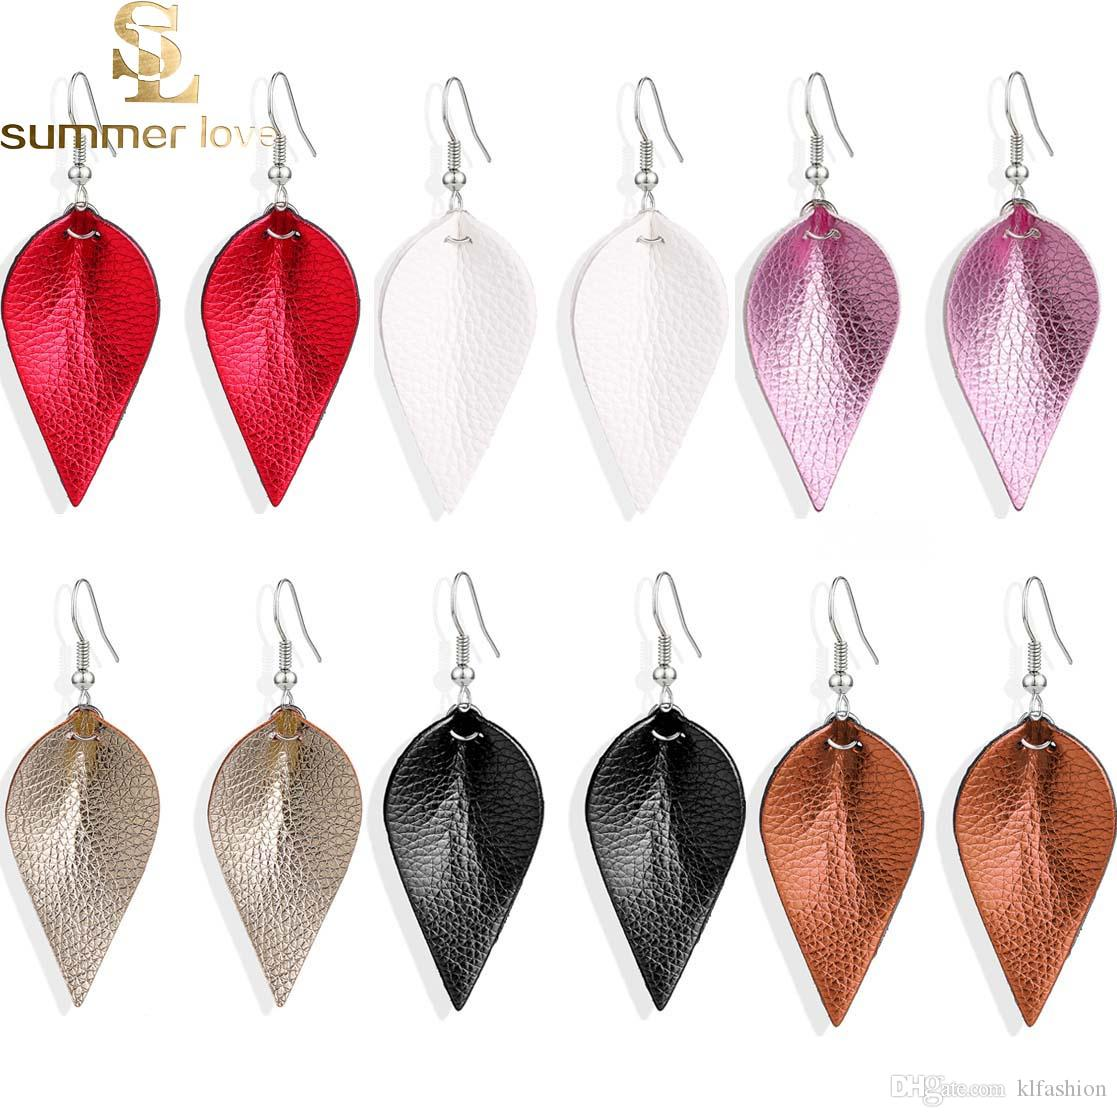 Nueva hoja de corte Pendientes de plumas PU lentejuelas de cuero que buscan varios colores Bohemia gota de agua cuelga los pendientes joyería de moda